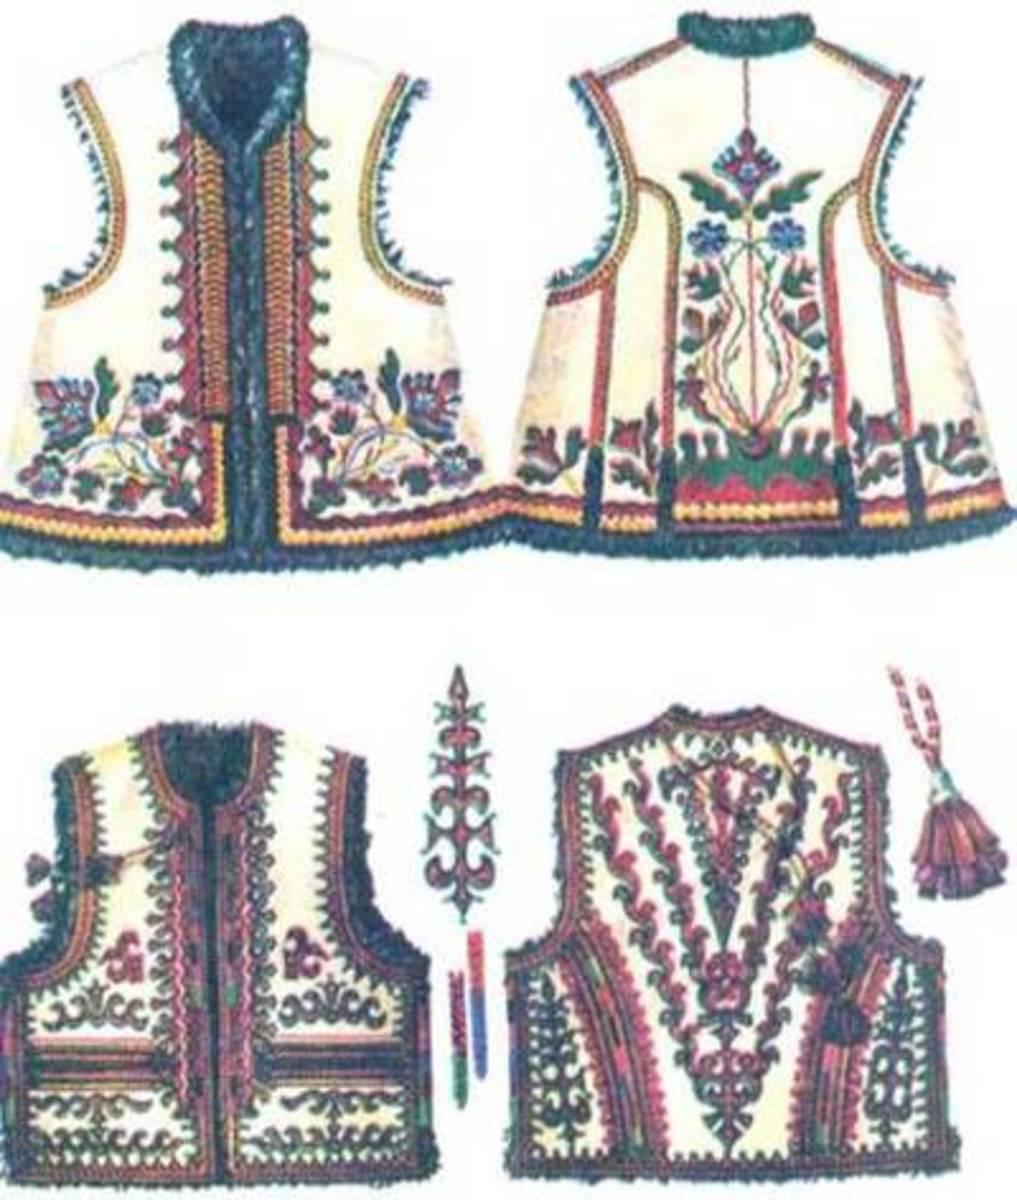 Український народний костюм  історія a6d1f642bfc24